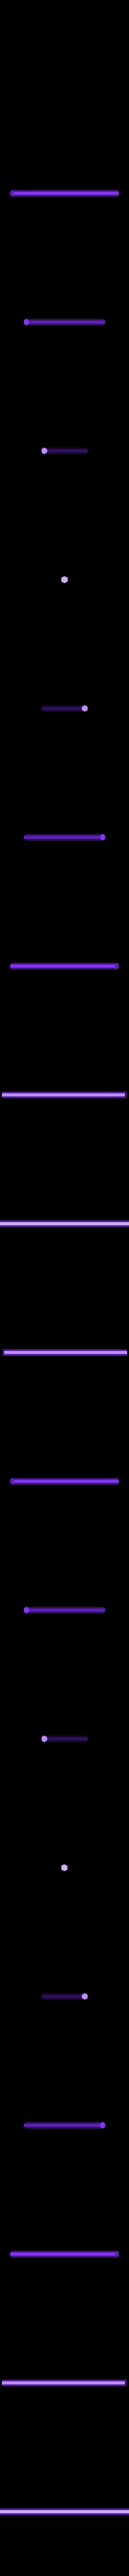 whirligig_hex_stick.stl Télécharger fichier STL gratuit Whirligig Flying Spinner - Mouches 10 m (30 ft) • Plan à imprimer en 3D, FunnyJohnnyPrinter